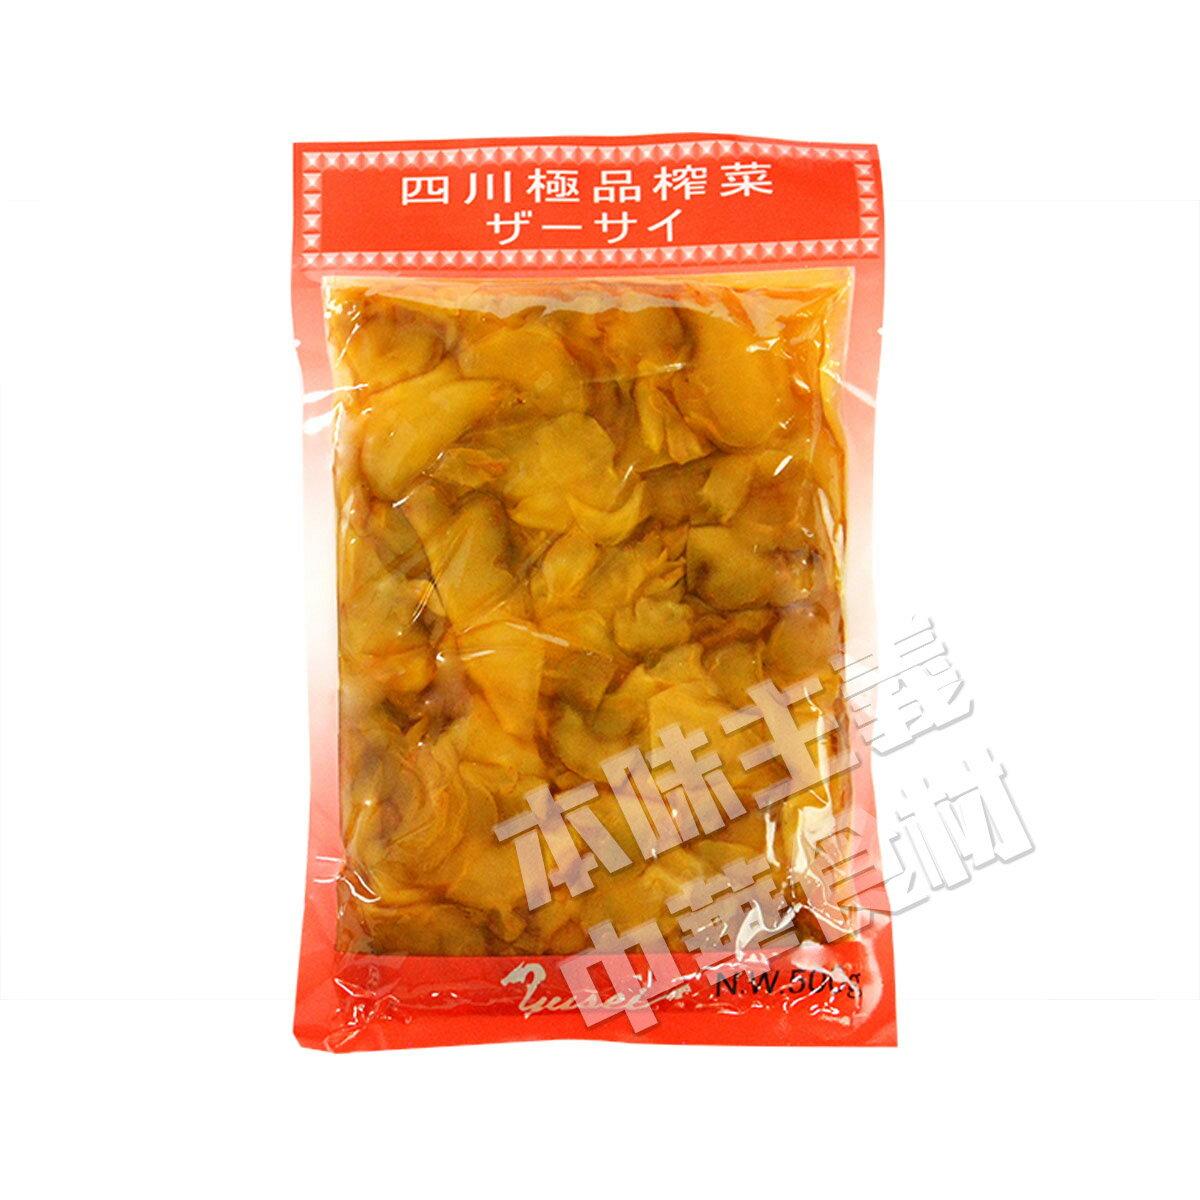 友盛特色四川風味極品榨菜片(ザーサイスライス)500g お買得人気商品!!!中華食材調味料・中国名物